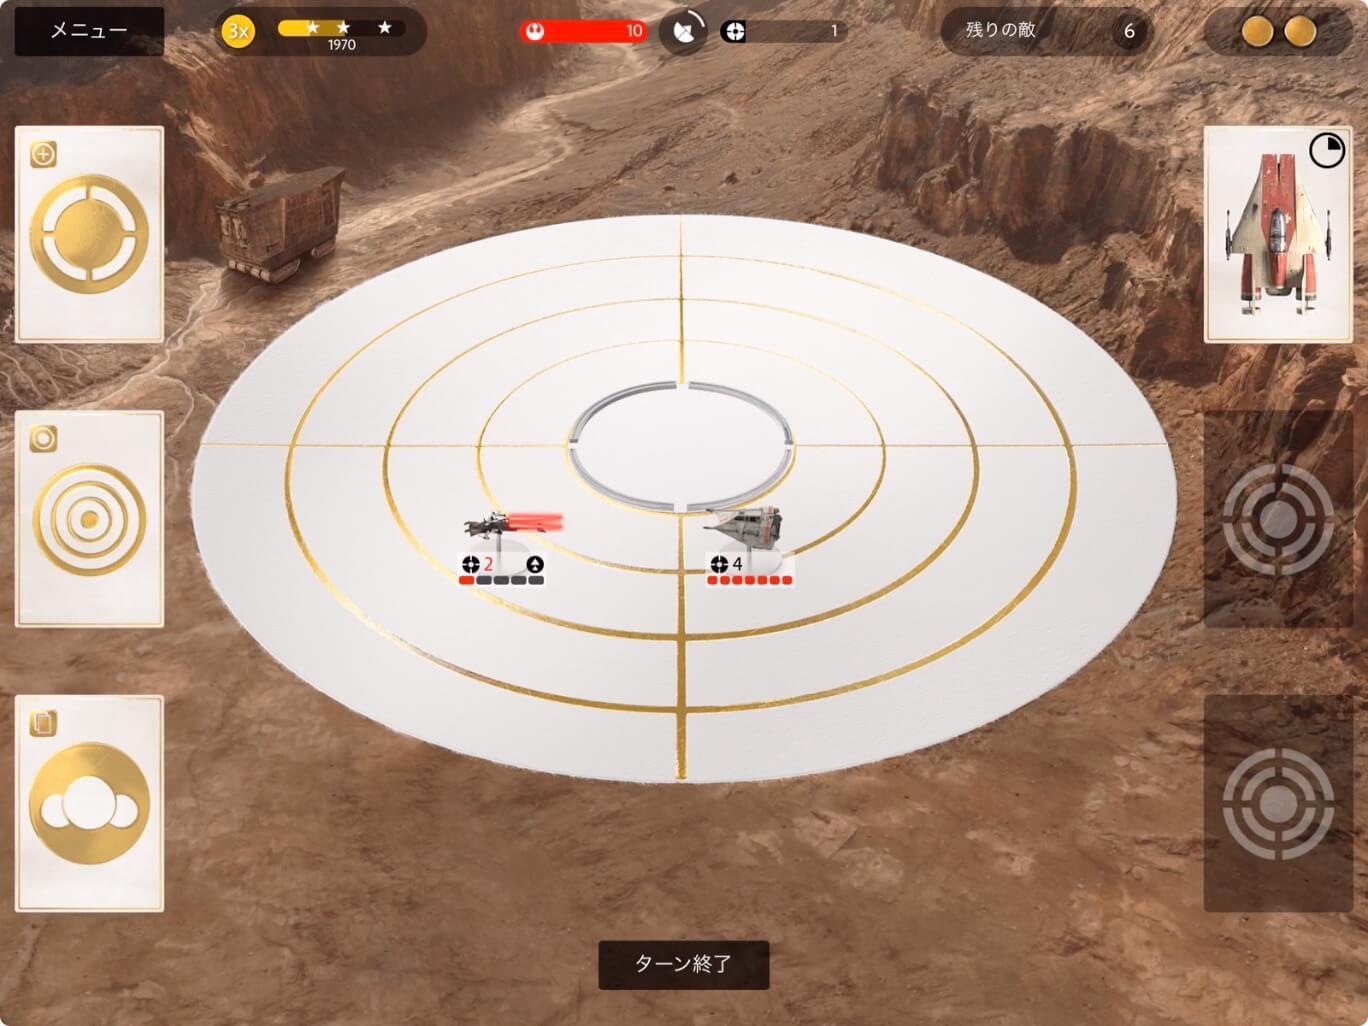 ベースコマンドで敵を攻撃している画面です。